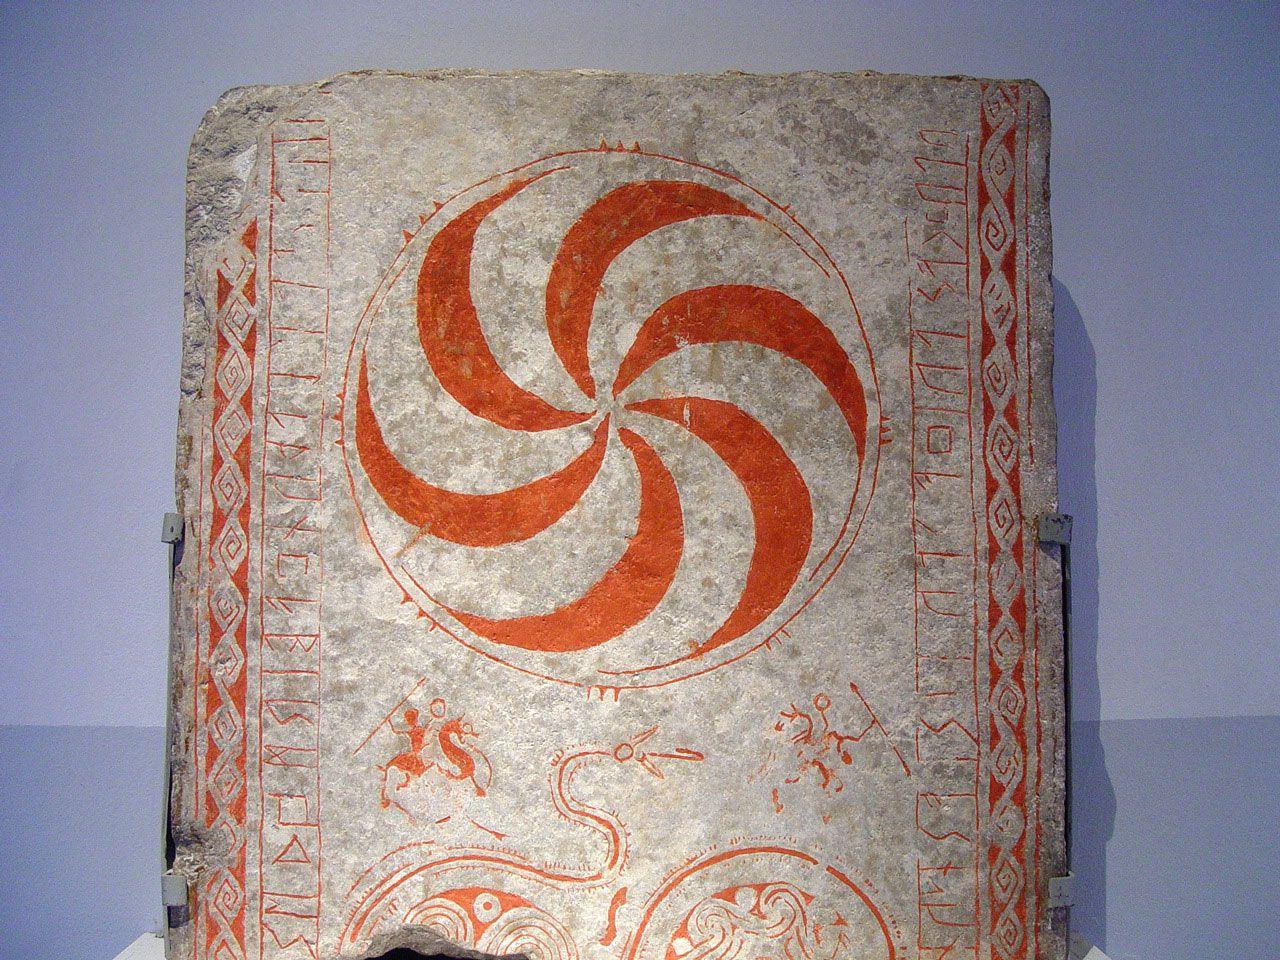 Bildstein Fornsalen - Bildbeschreibung Bildstein im Museum Fornsalen, Visby, Gotland